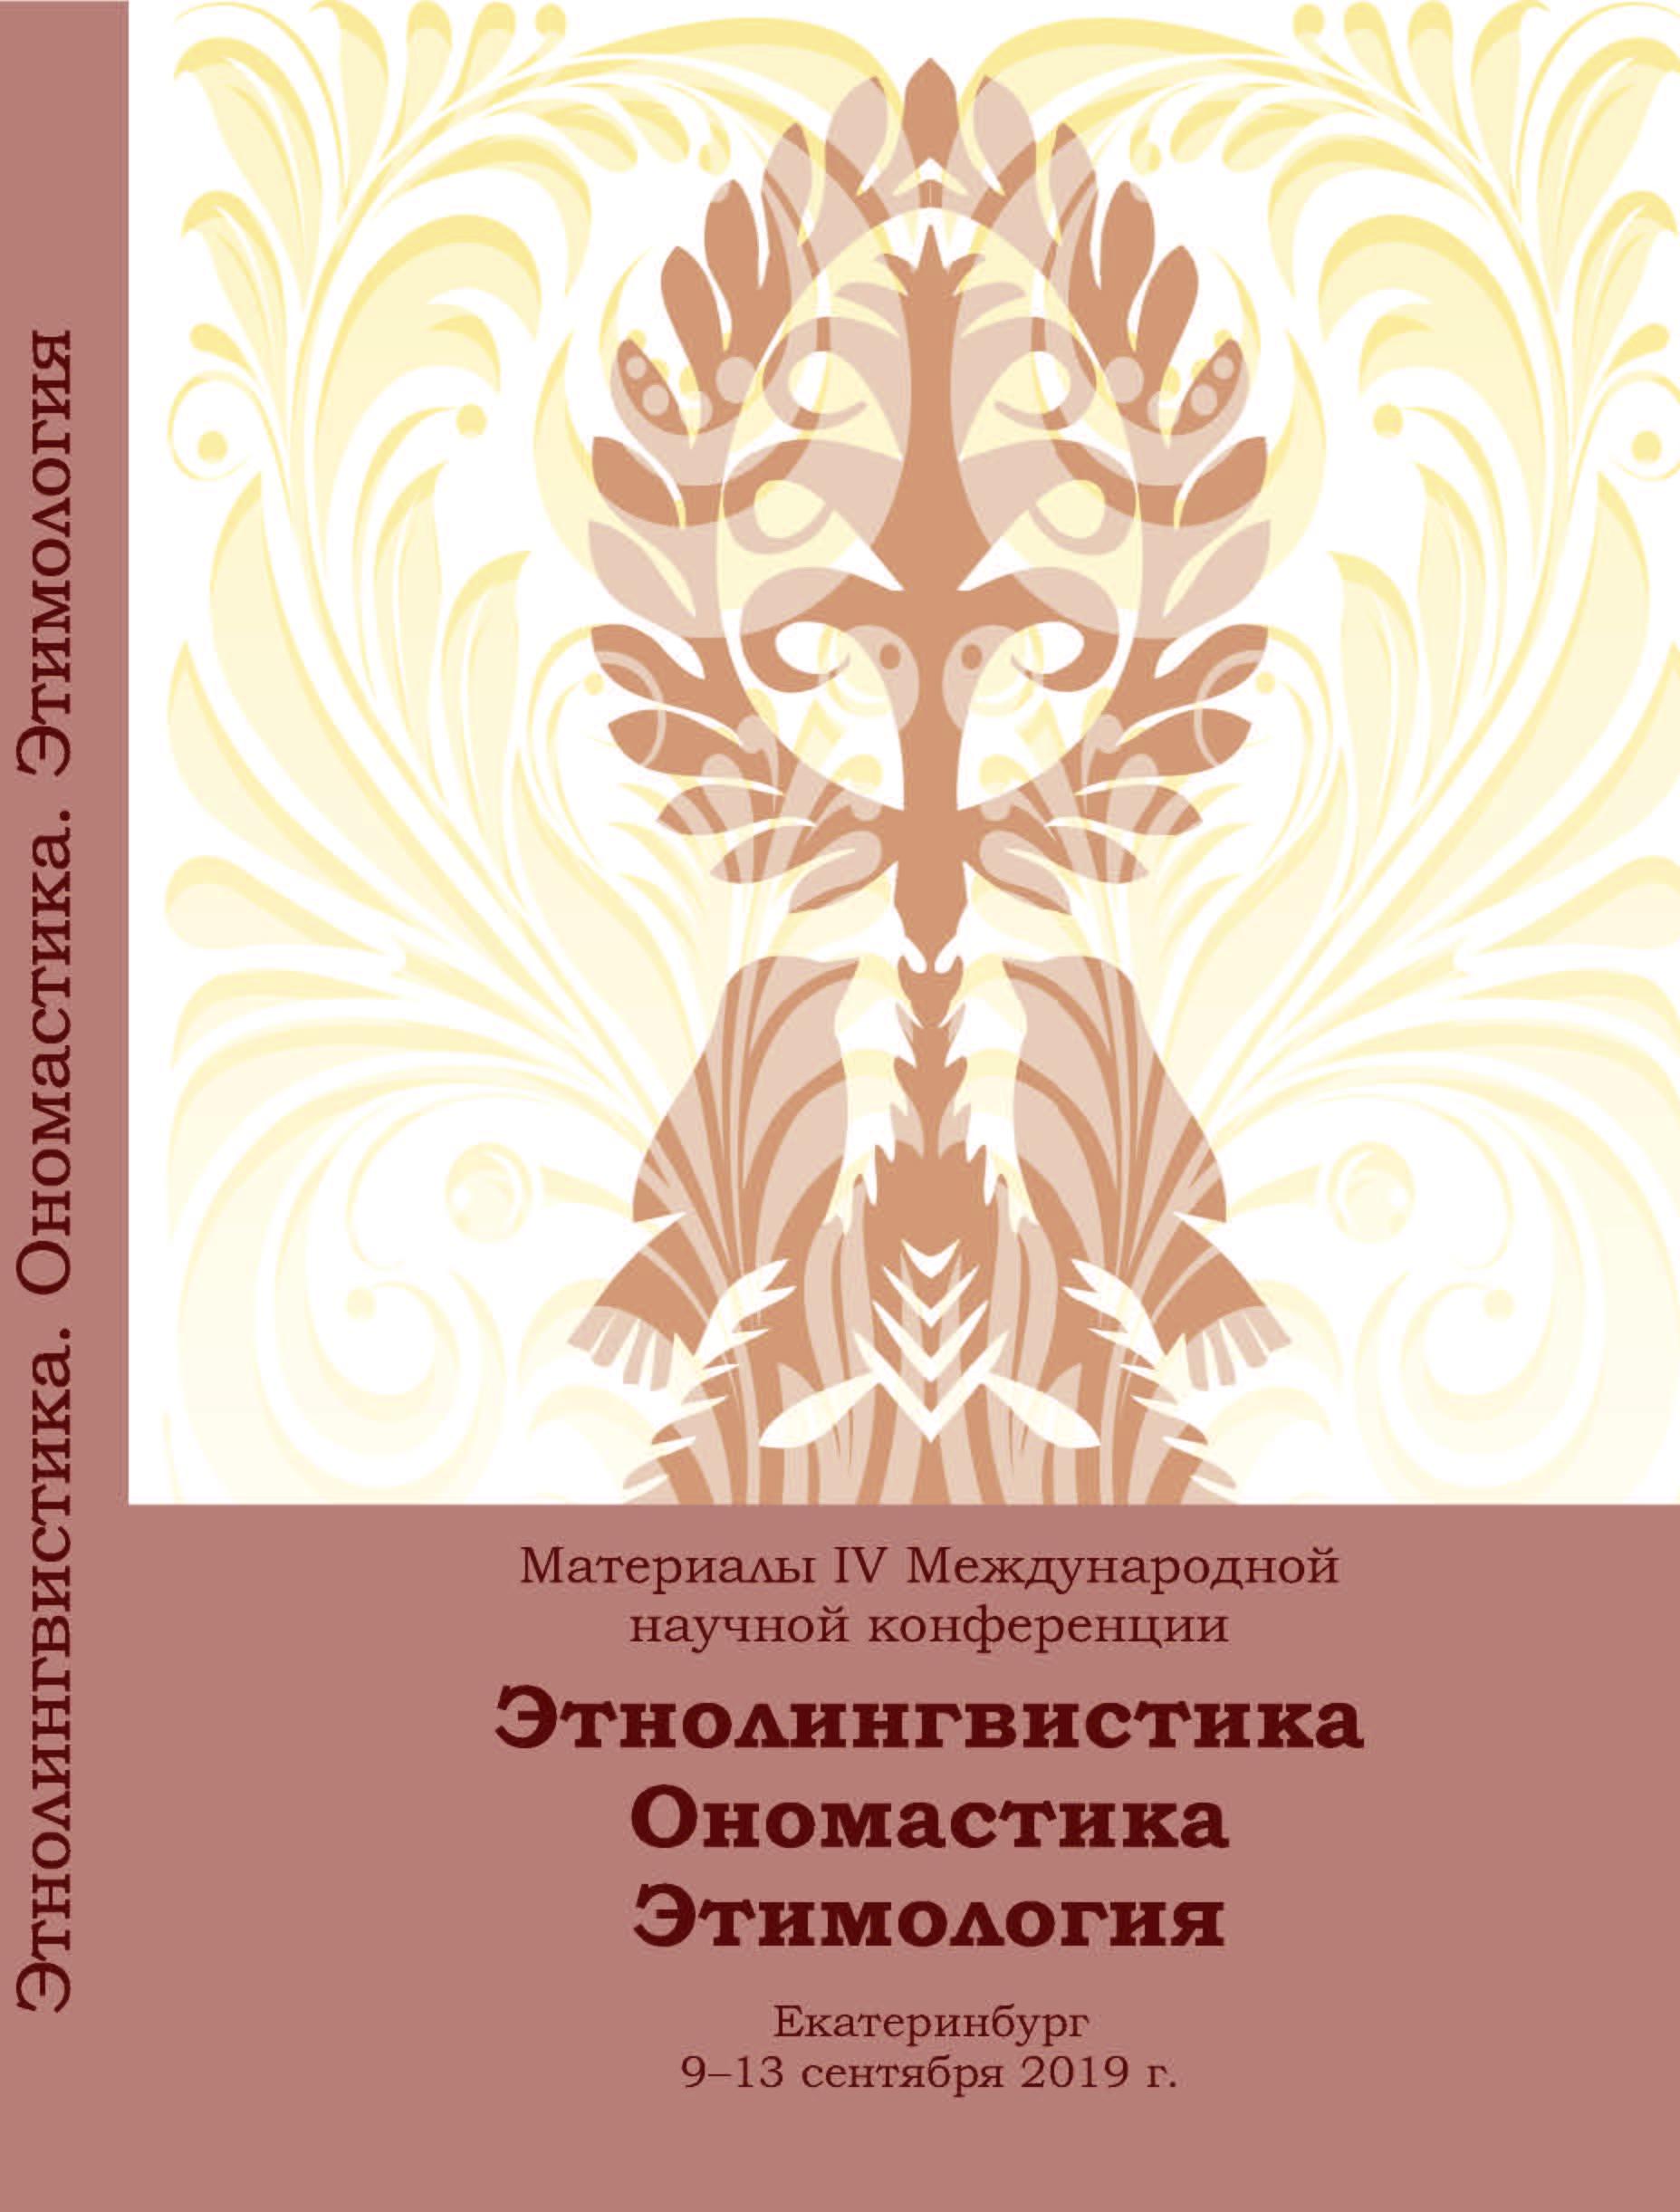 Этнолингвистика. Ономастика. Этимология. Материалы IV Международной научной конференции